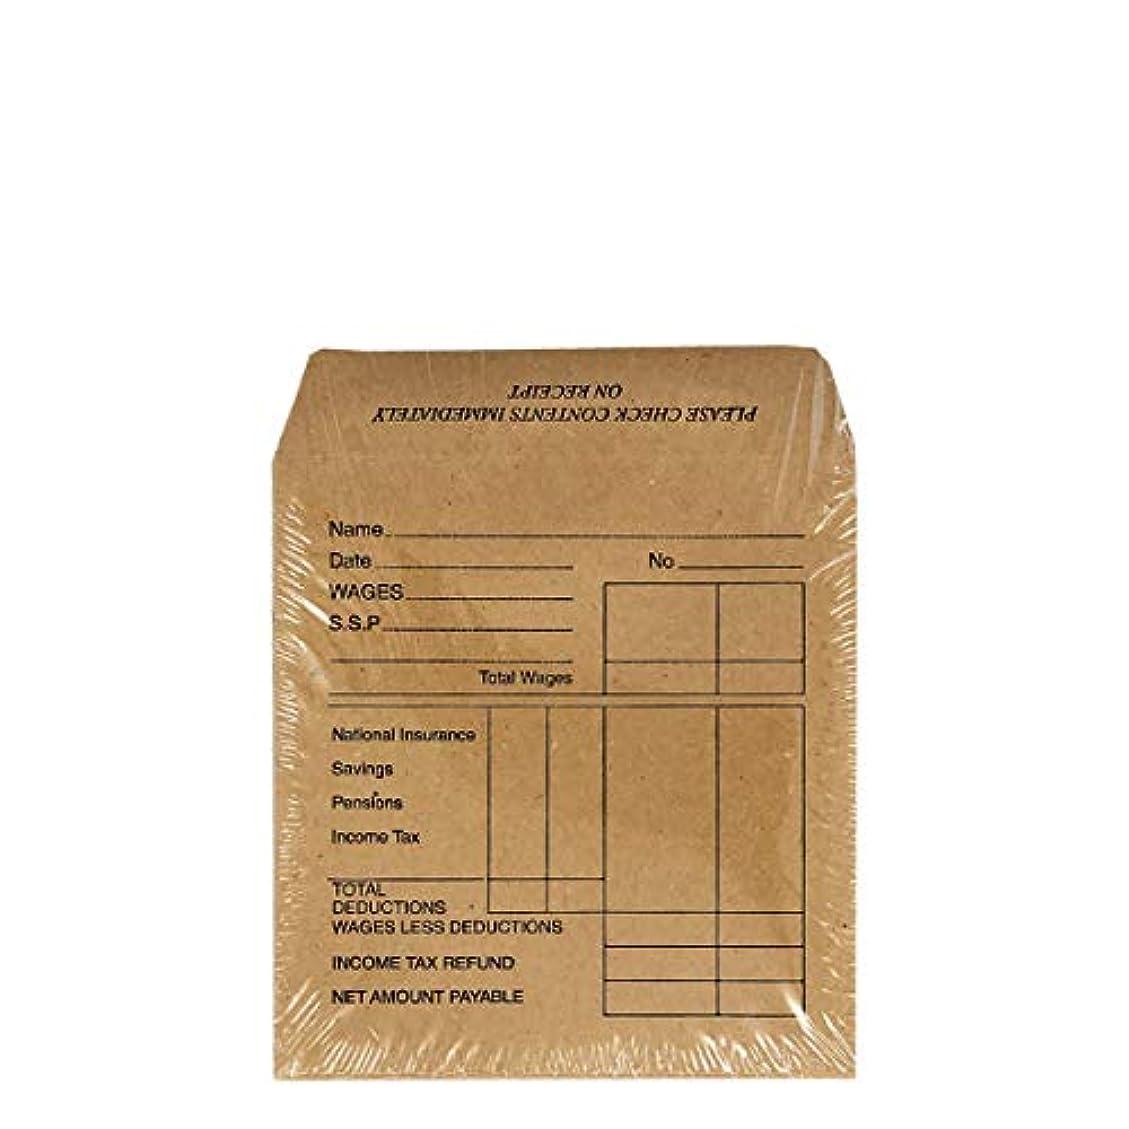 テンポ責める番目アジェンダ サロンコンセプト 賃金支払い 封筒 50[海外直送品] [並行輸入品]